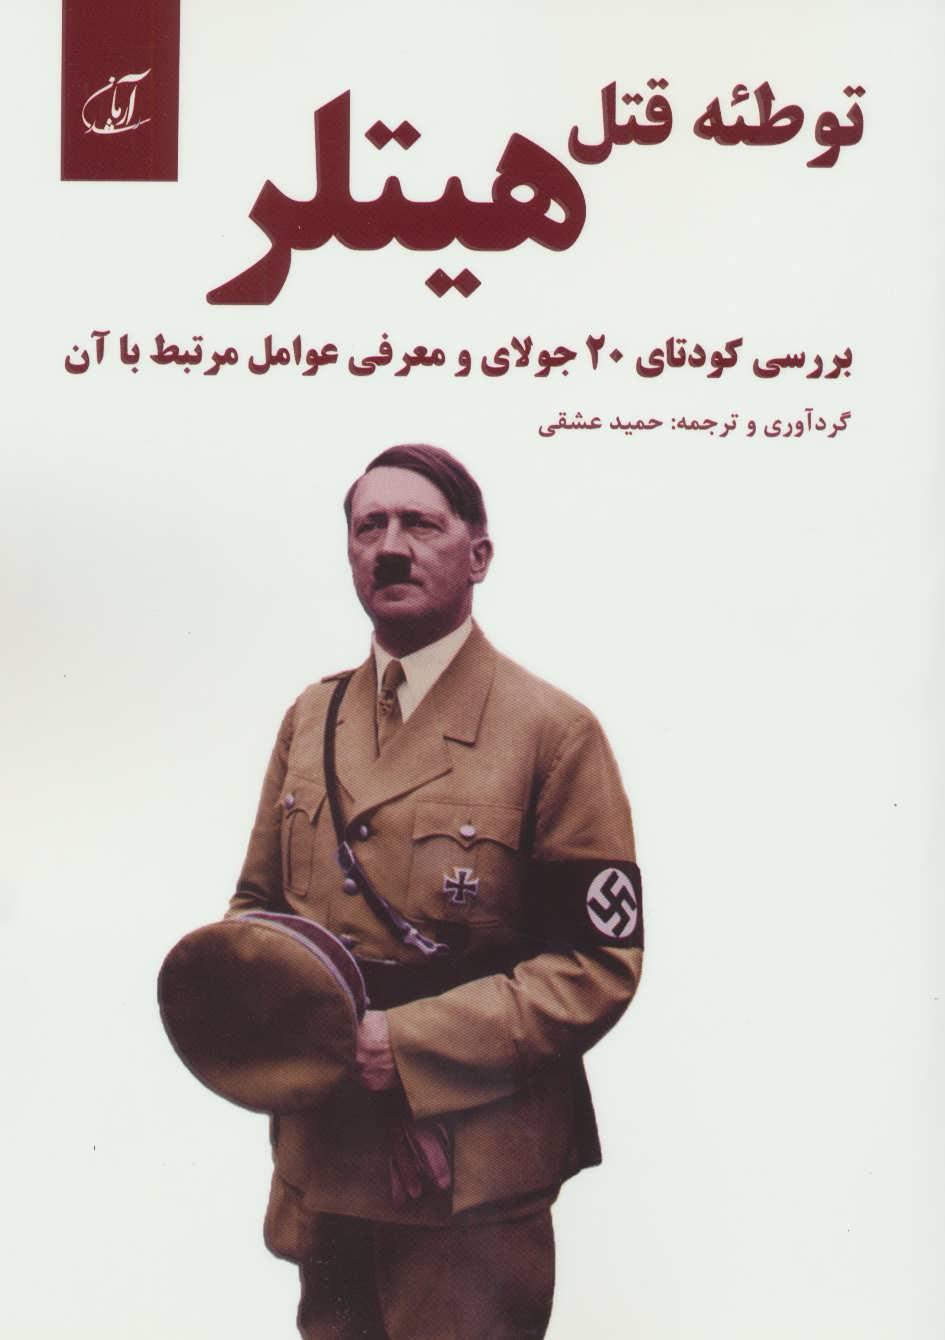 توطئه قتل هیتلر (بررسی کودتای 20 جولای و معرفی عوامل مرتبط با آن)